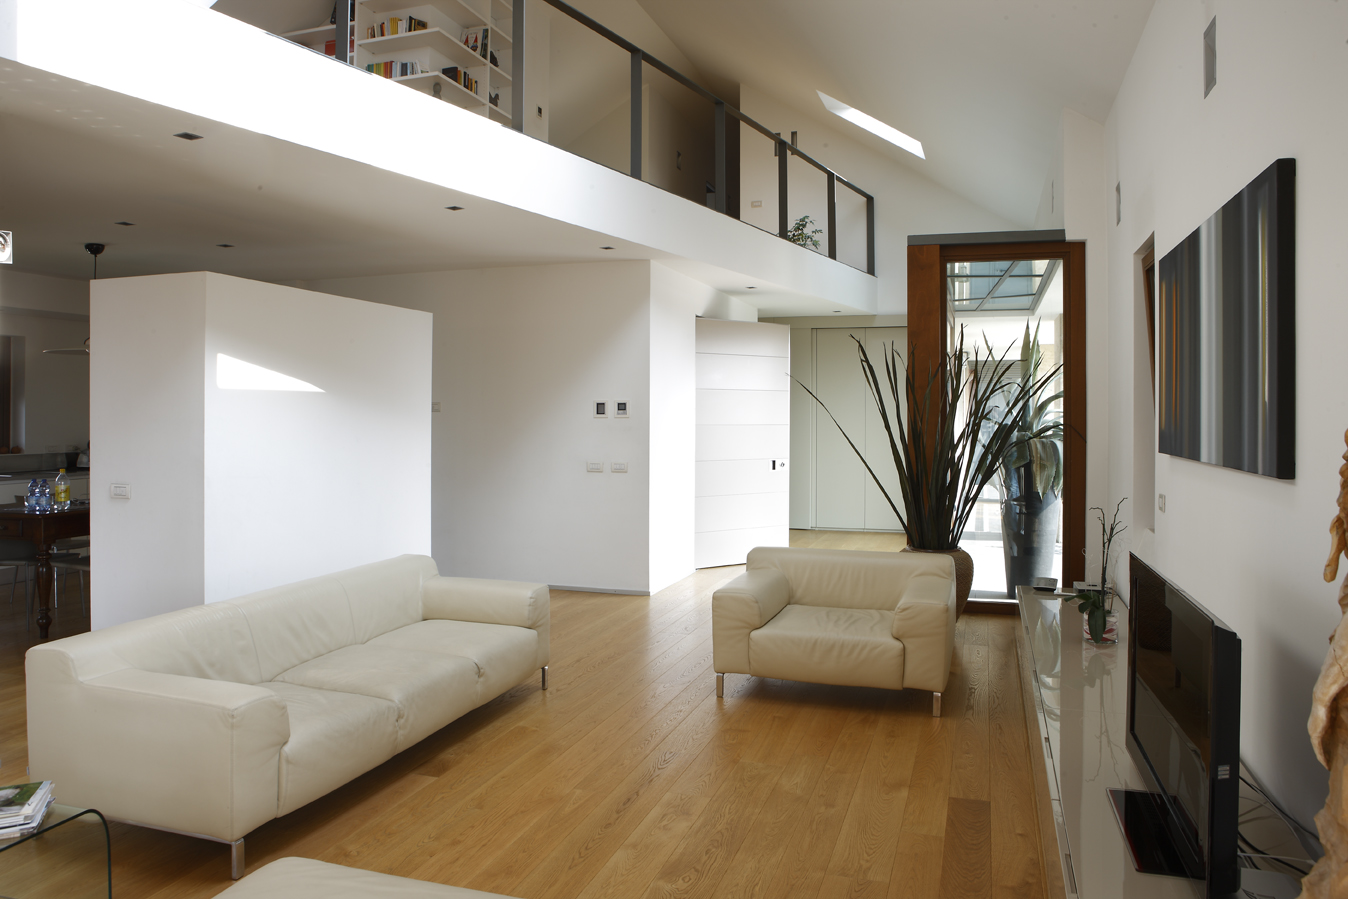 MONZA BRIANZA (Italia) – Residenza privata - Oikos